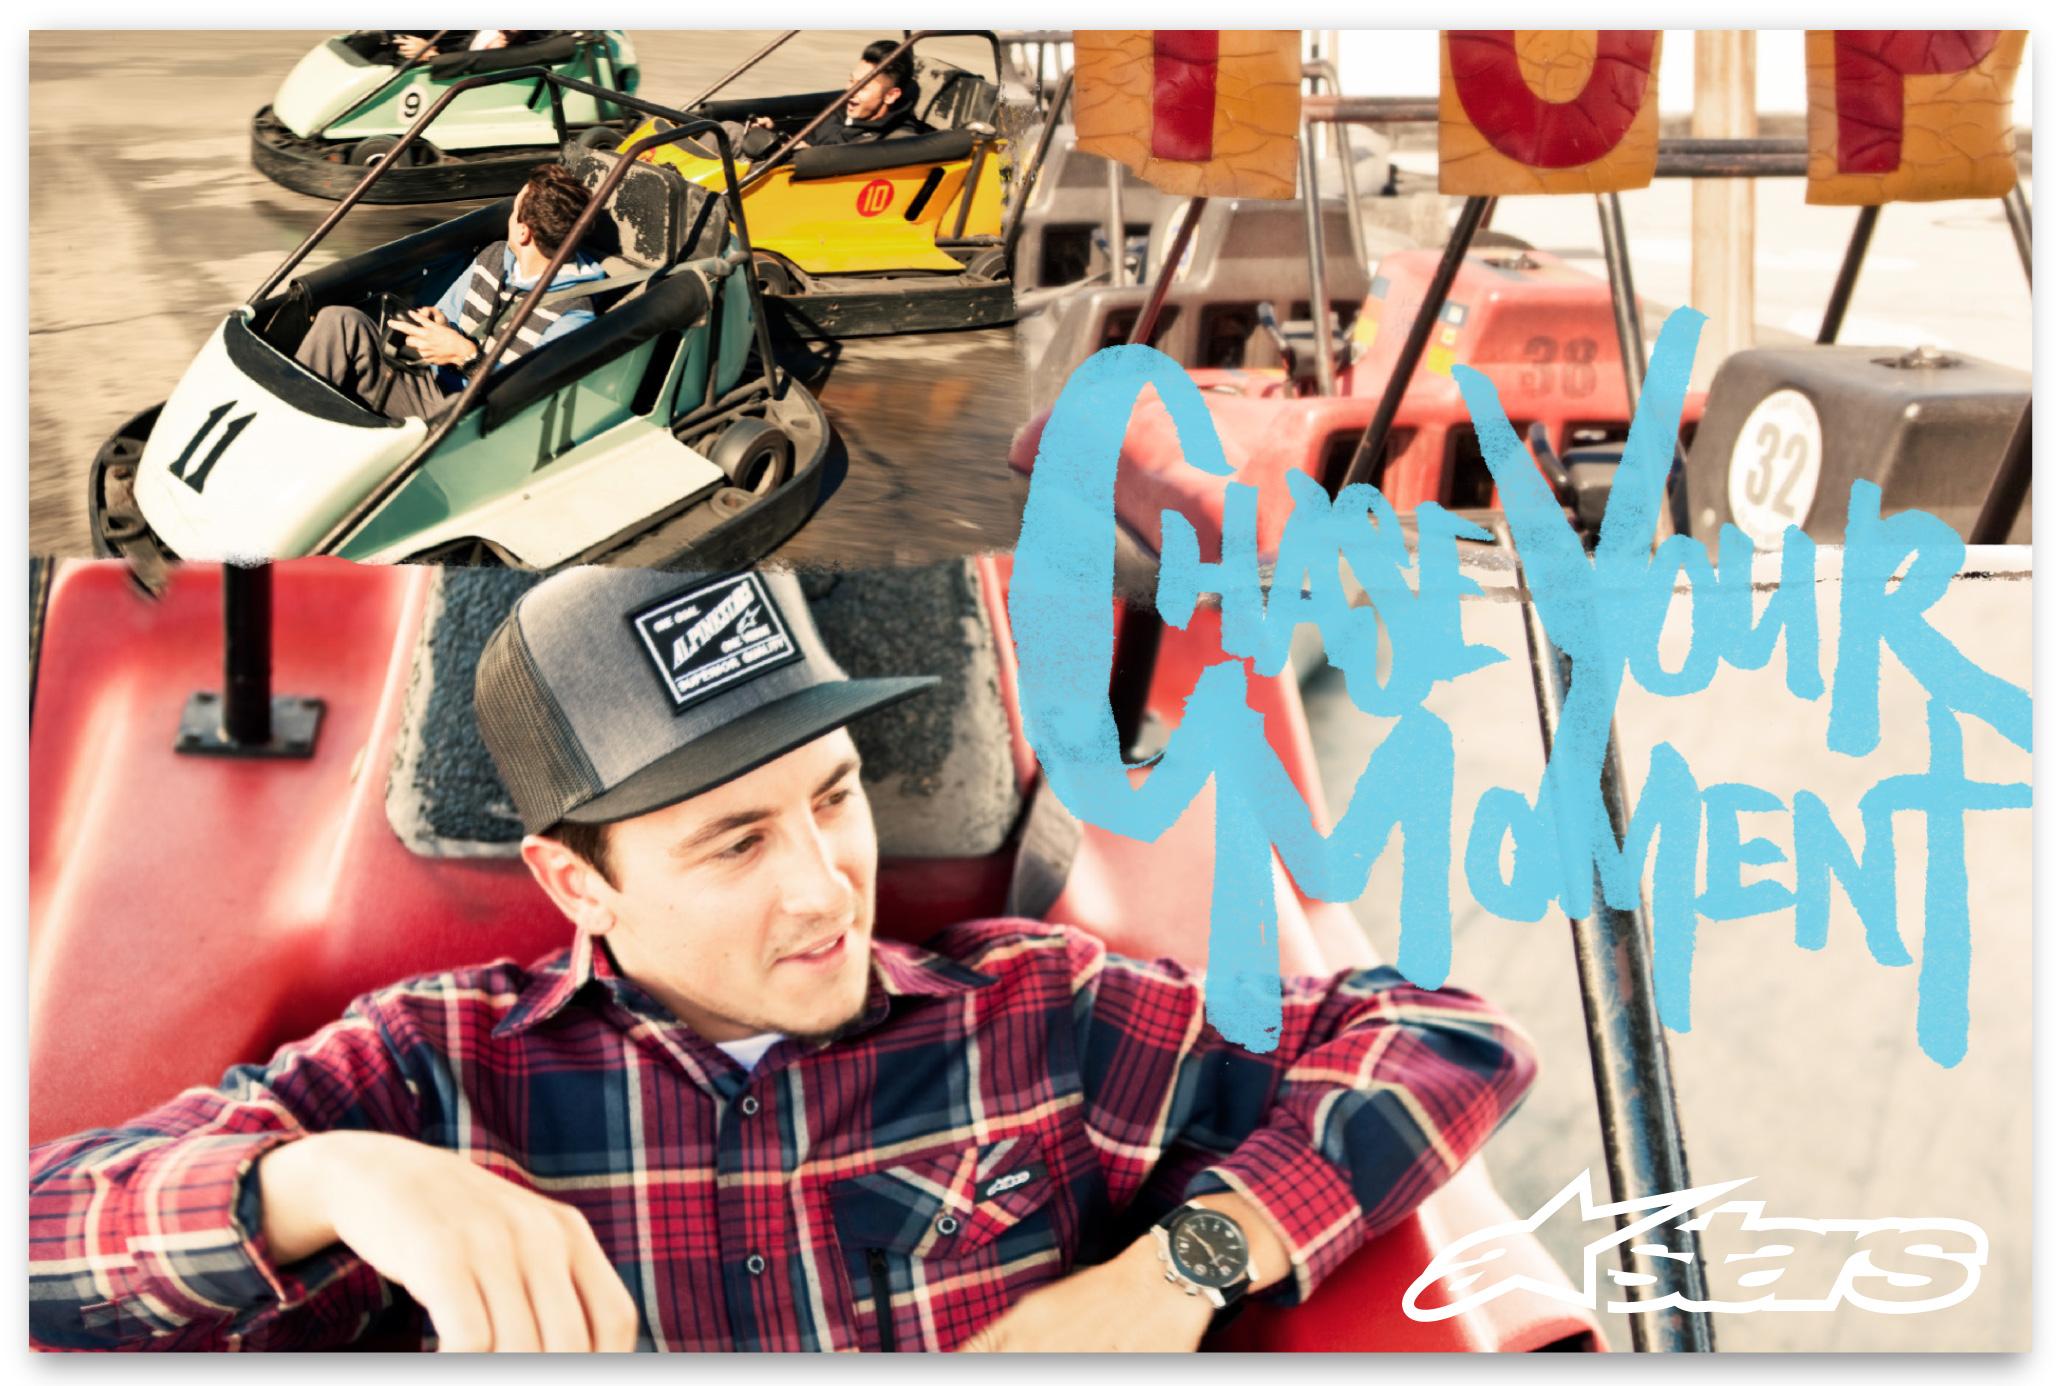 Chaser_Poster3.jpg